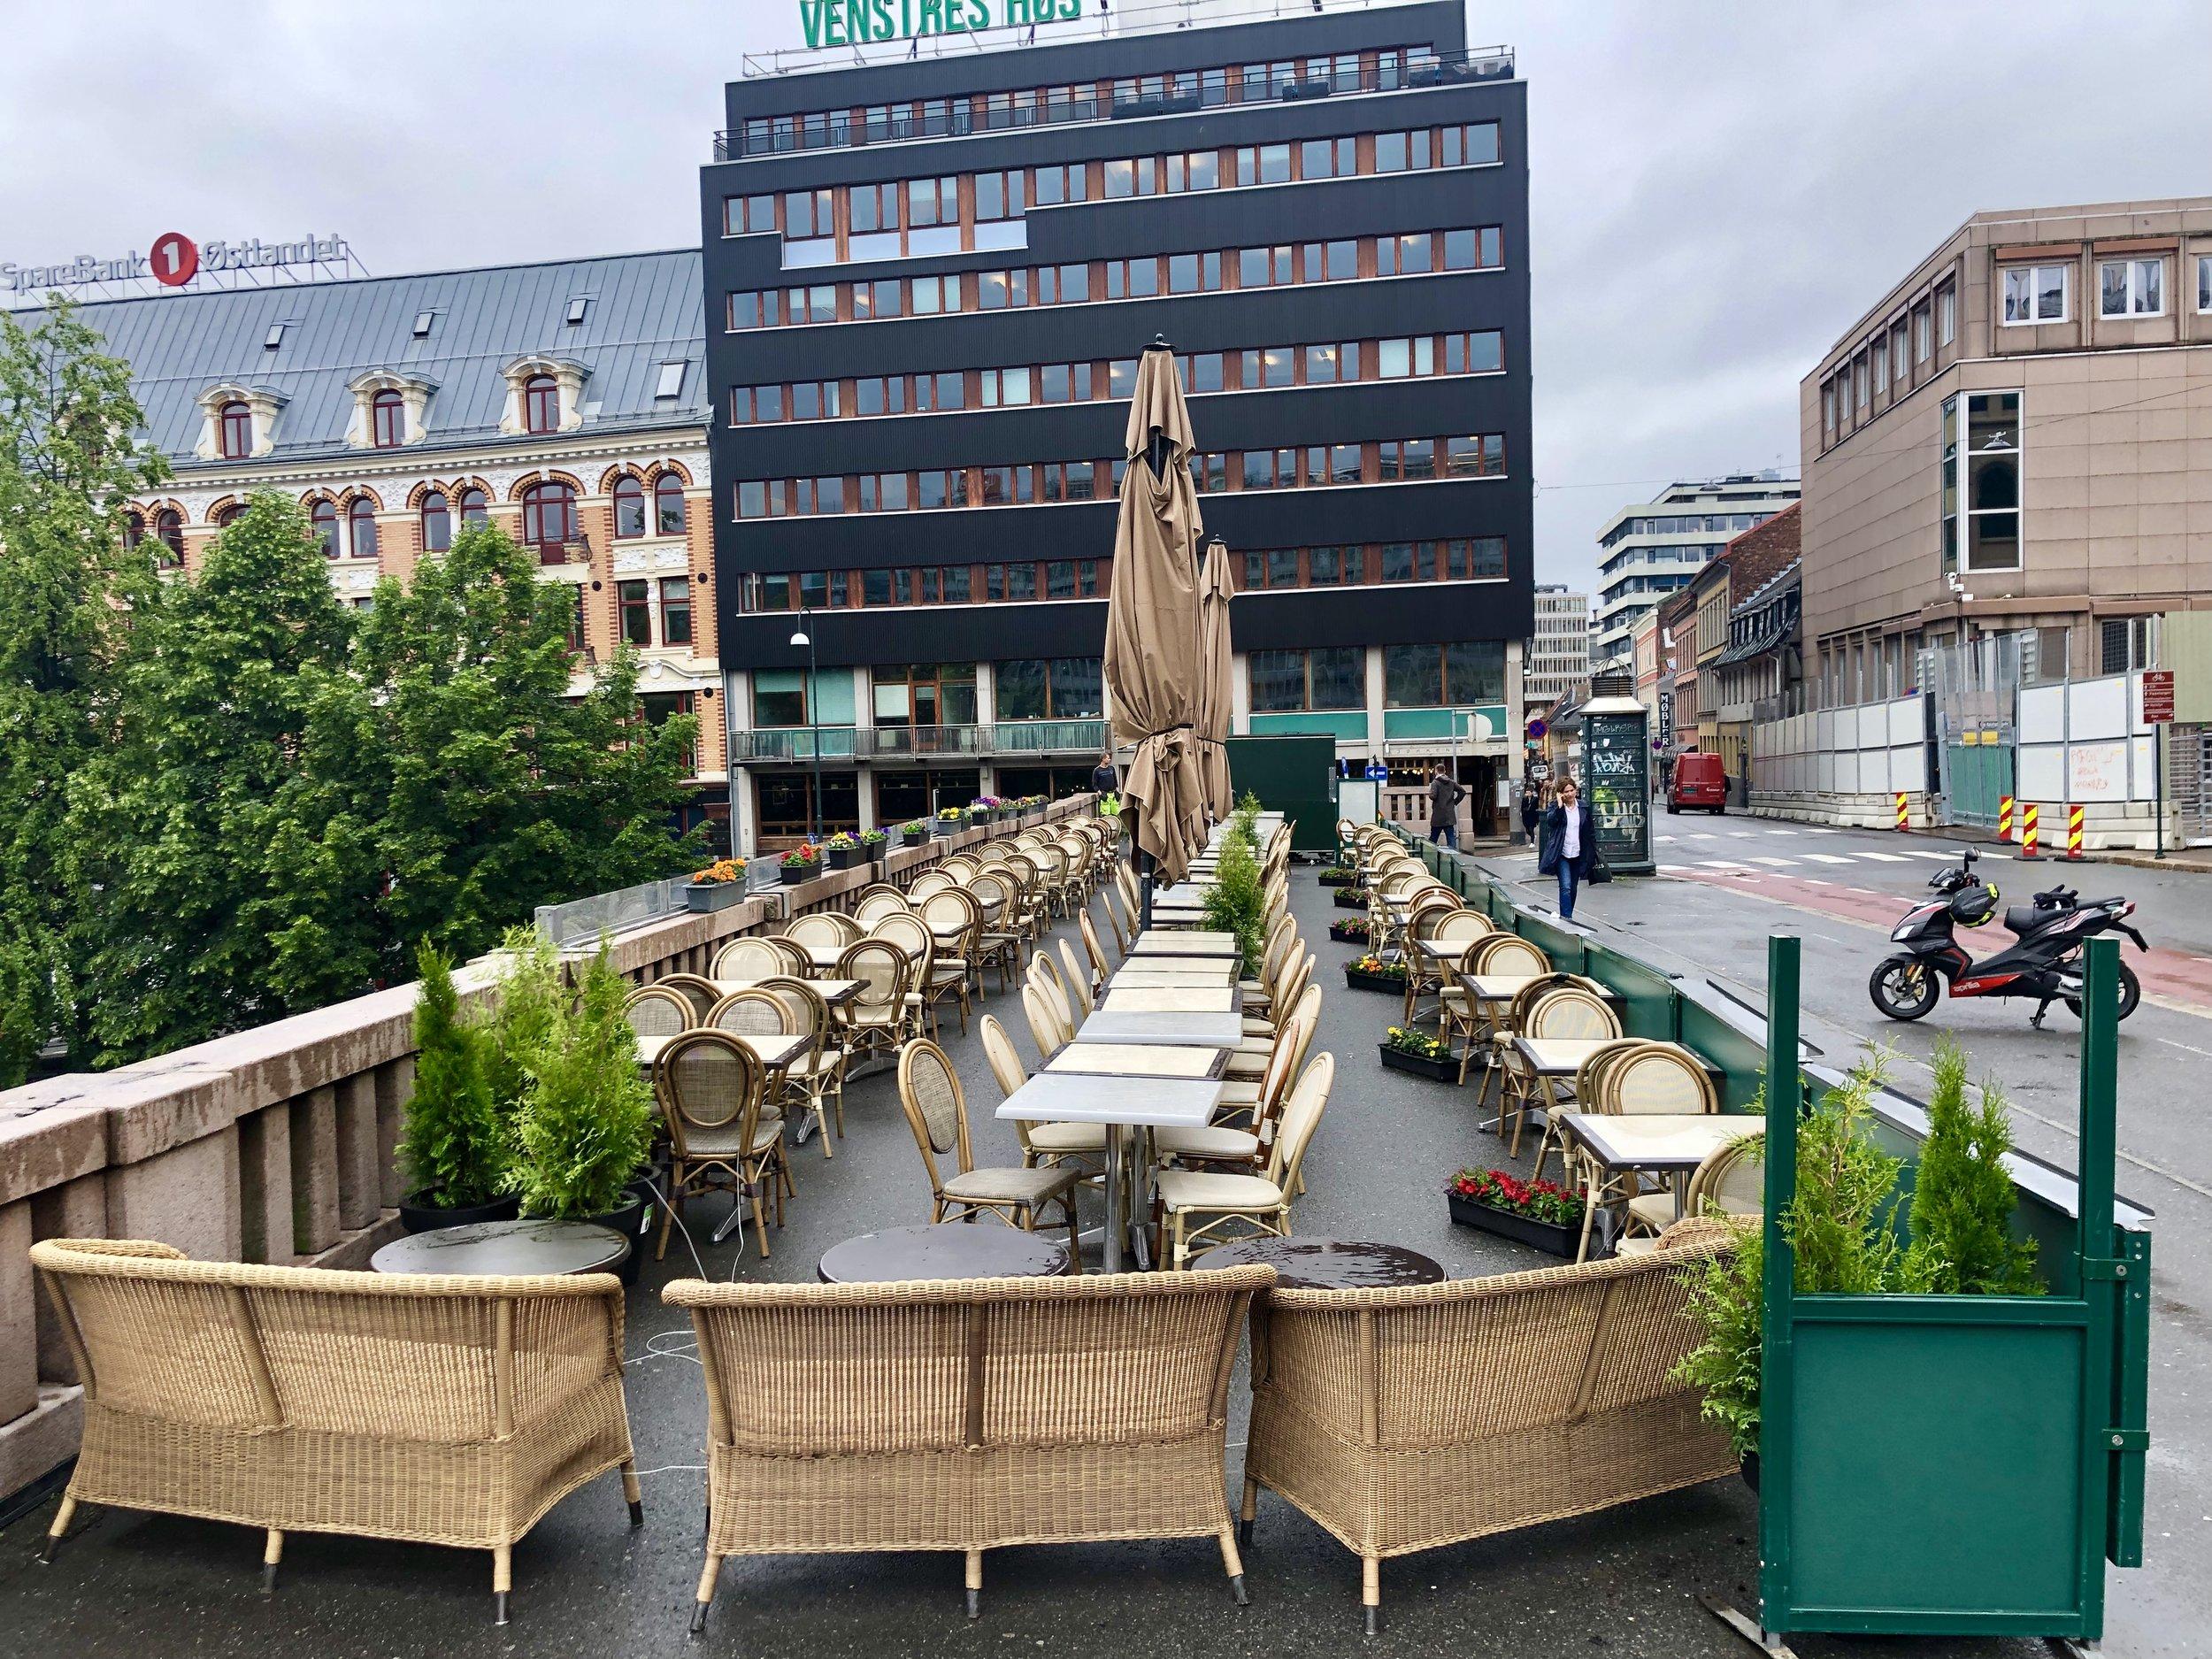 """Vegg i vegg med Raymonds """"storstue"""" har en restaurant uteservering med nærmere 100 sitteplasser?"""